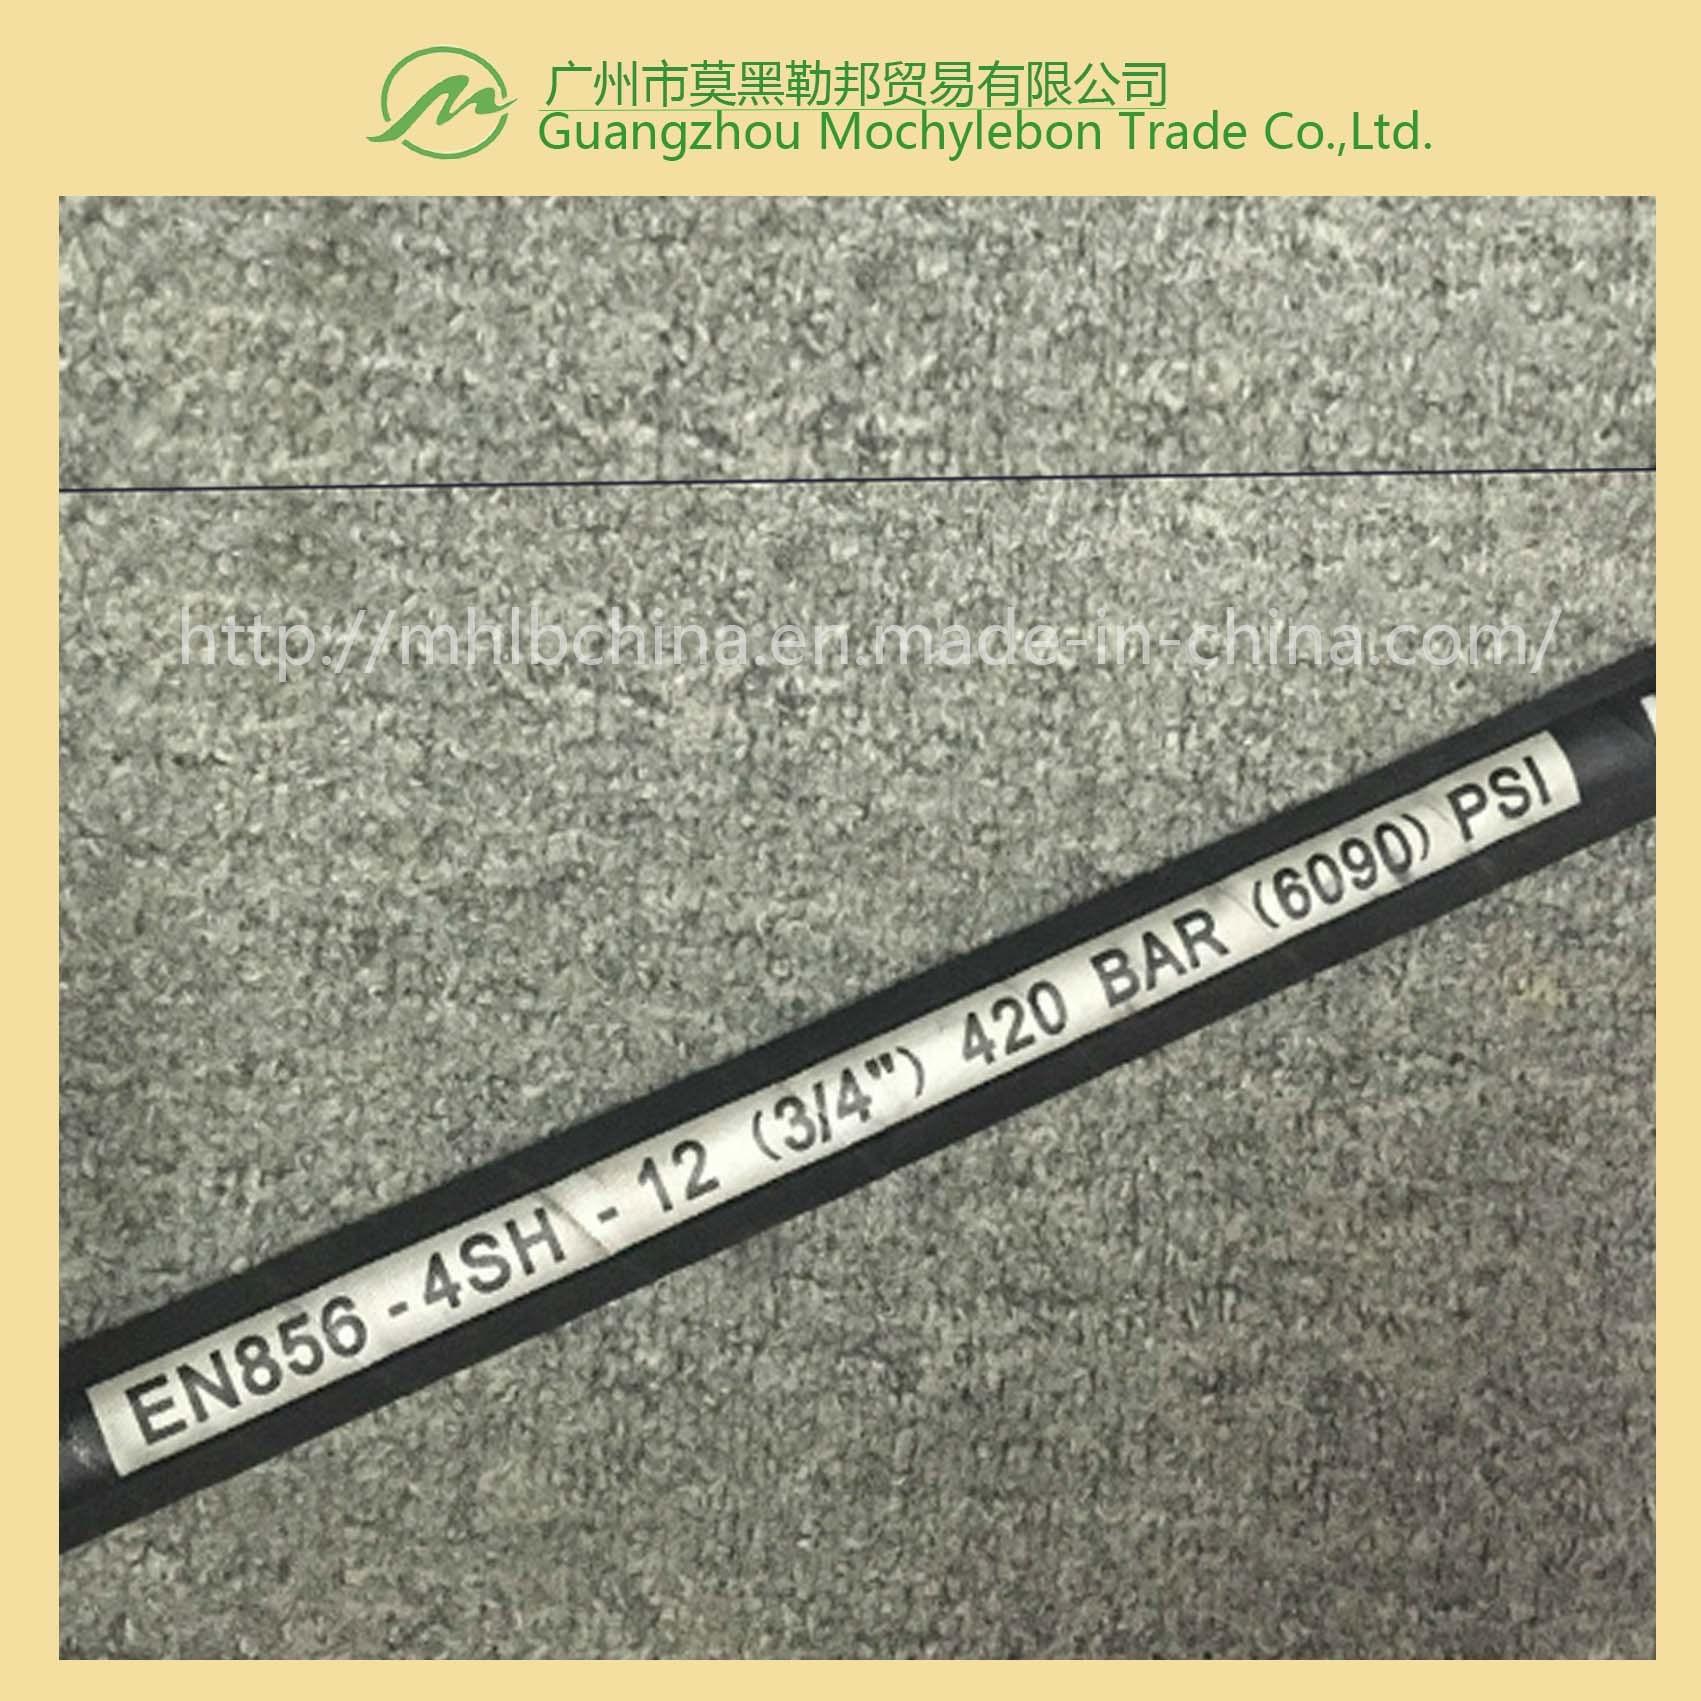 Steel Wire Spiral Hydraulic Hose (EN856 4SH-3/4)